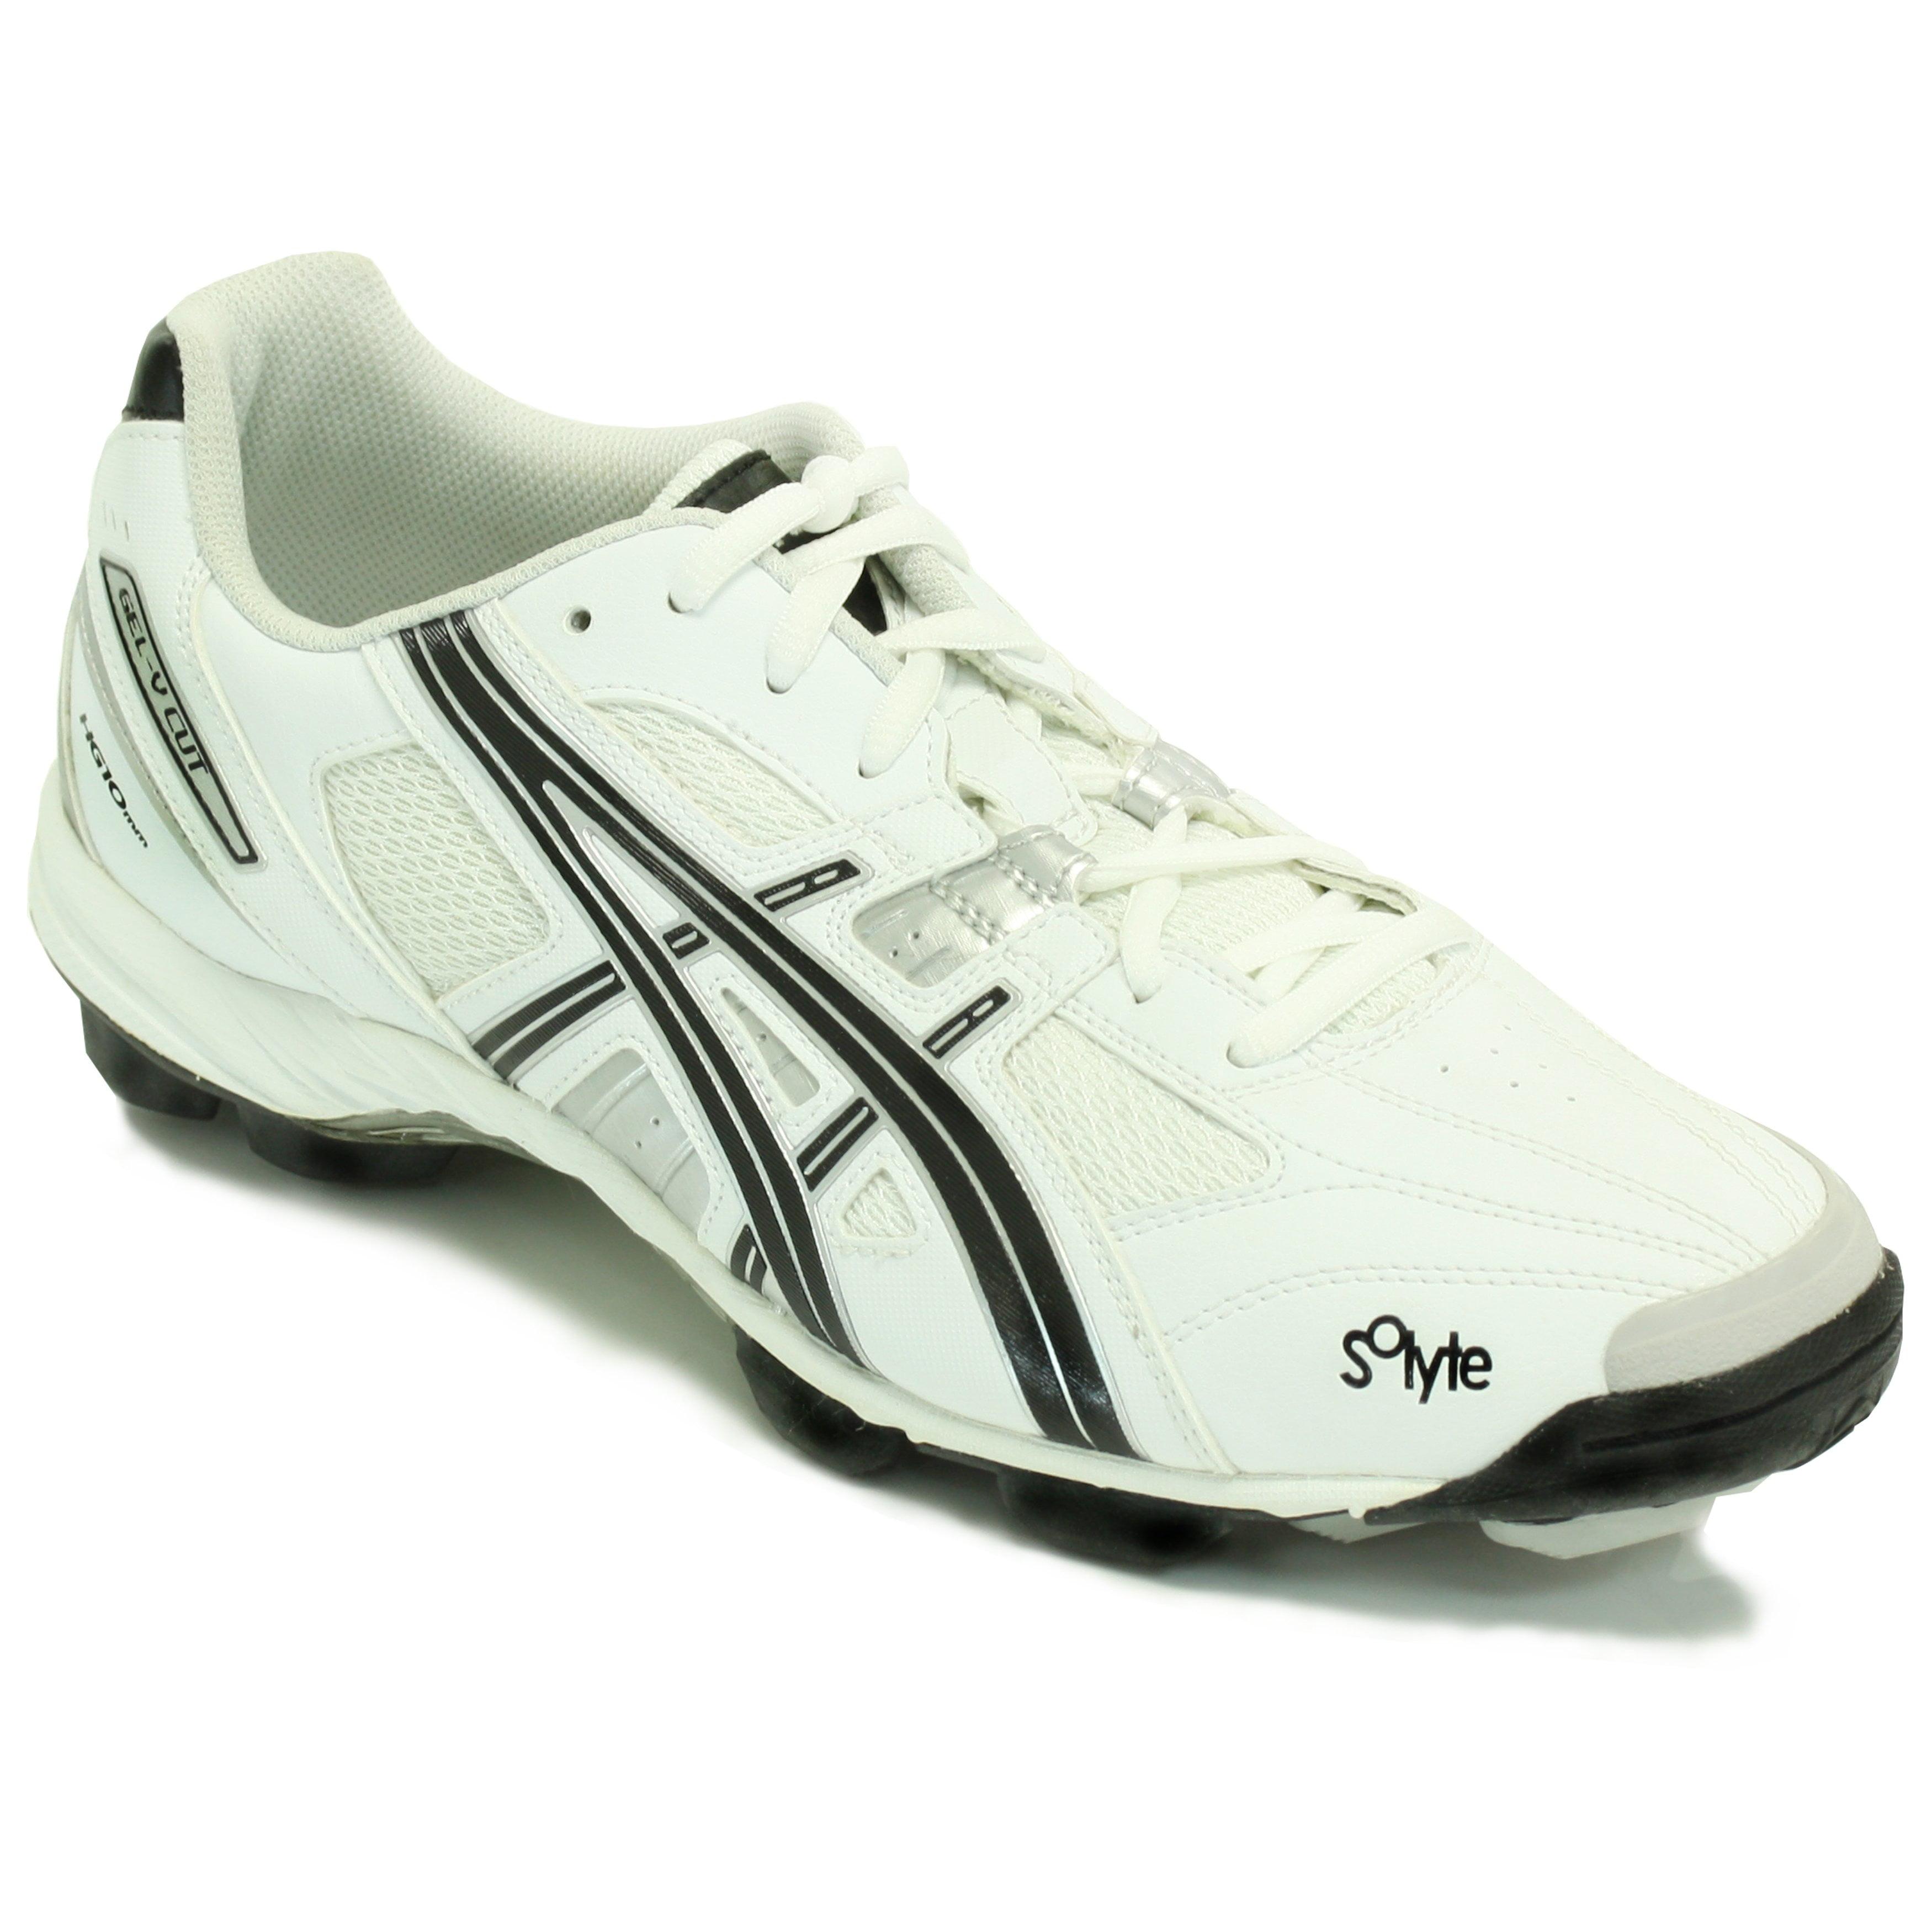 ASICS Asics Men's Gel V Lowcut Field Shoes